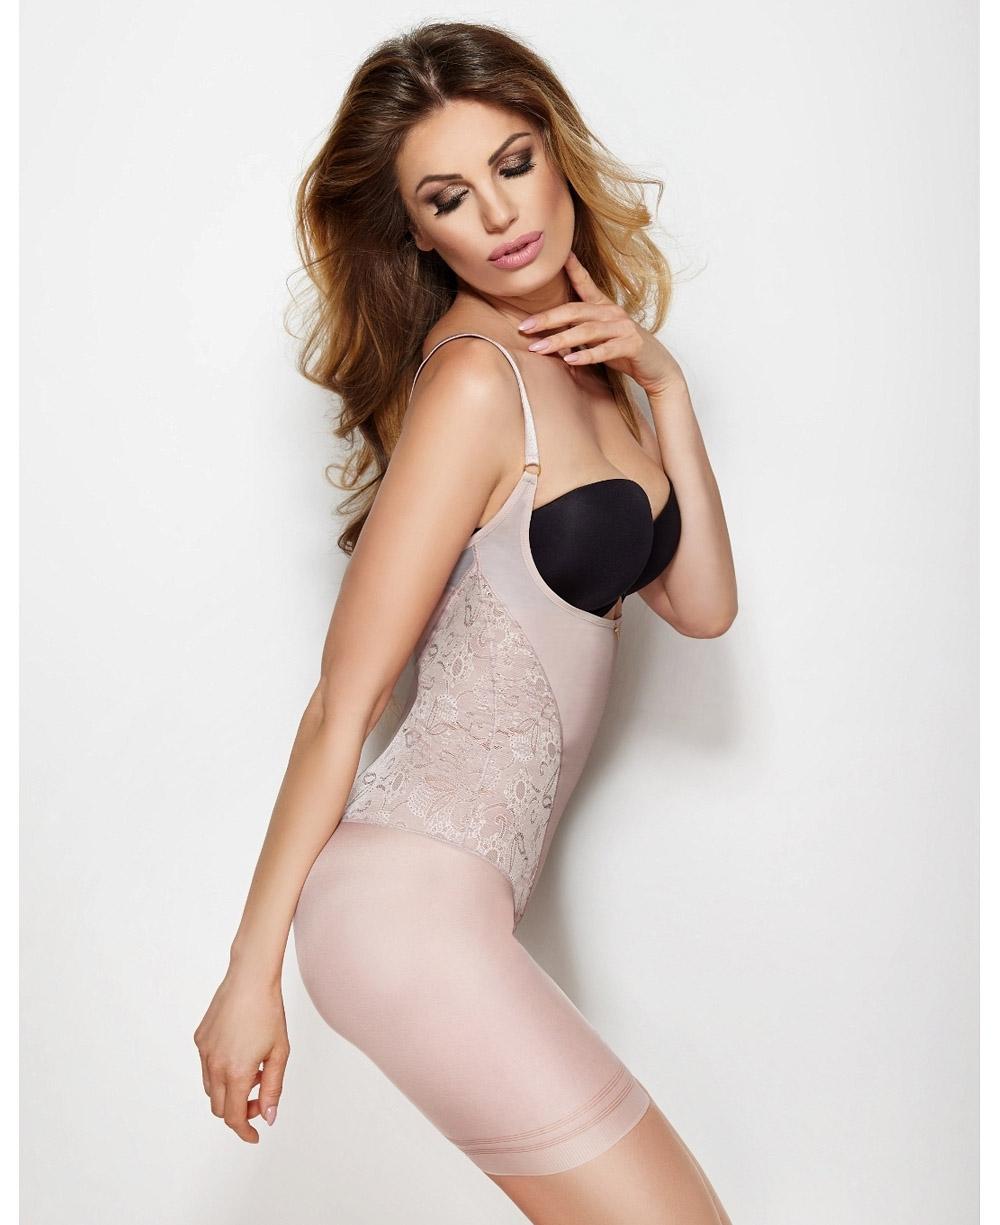 Боді Mitex Body Glossy Form купити інтернет магазин Spokysa.biz 044 ... 80b7b10c1cf9b